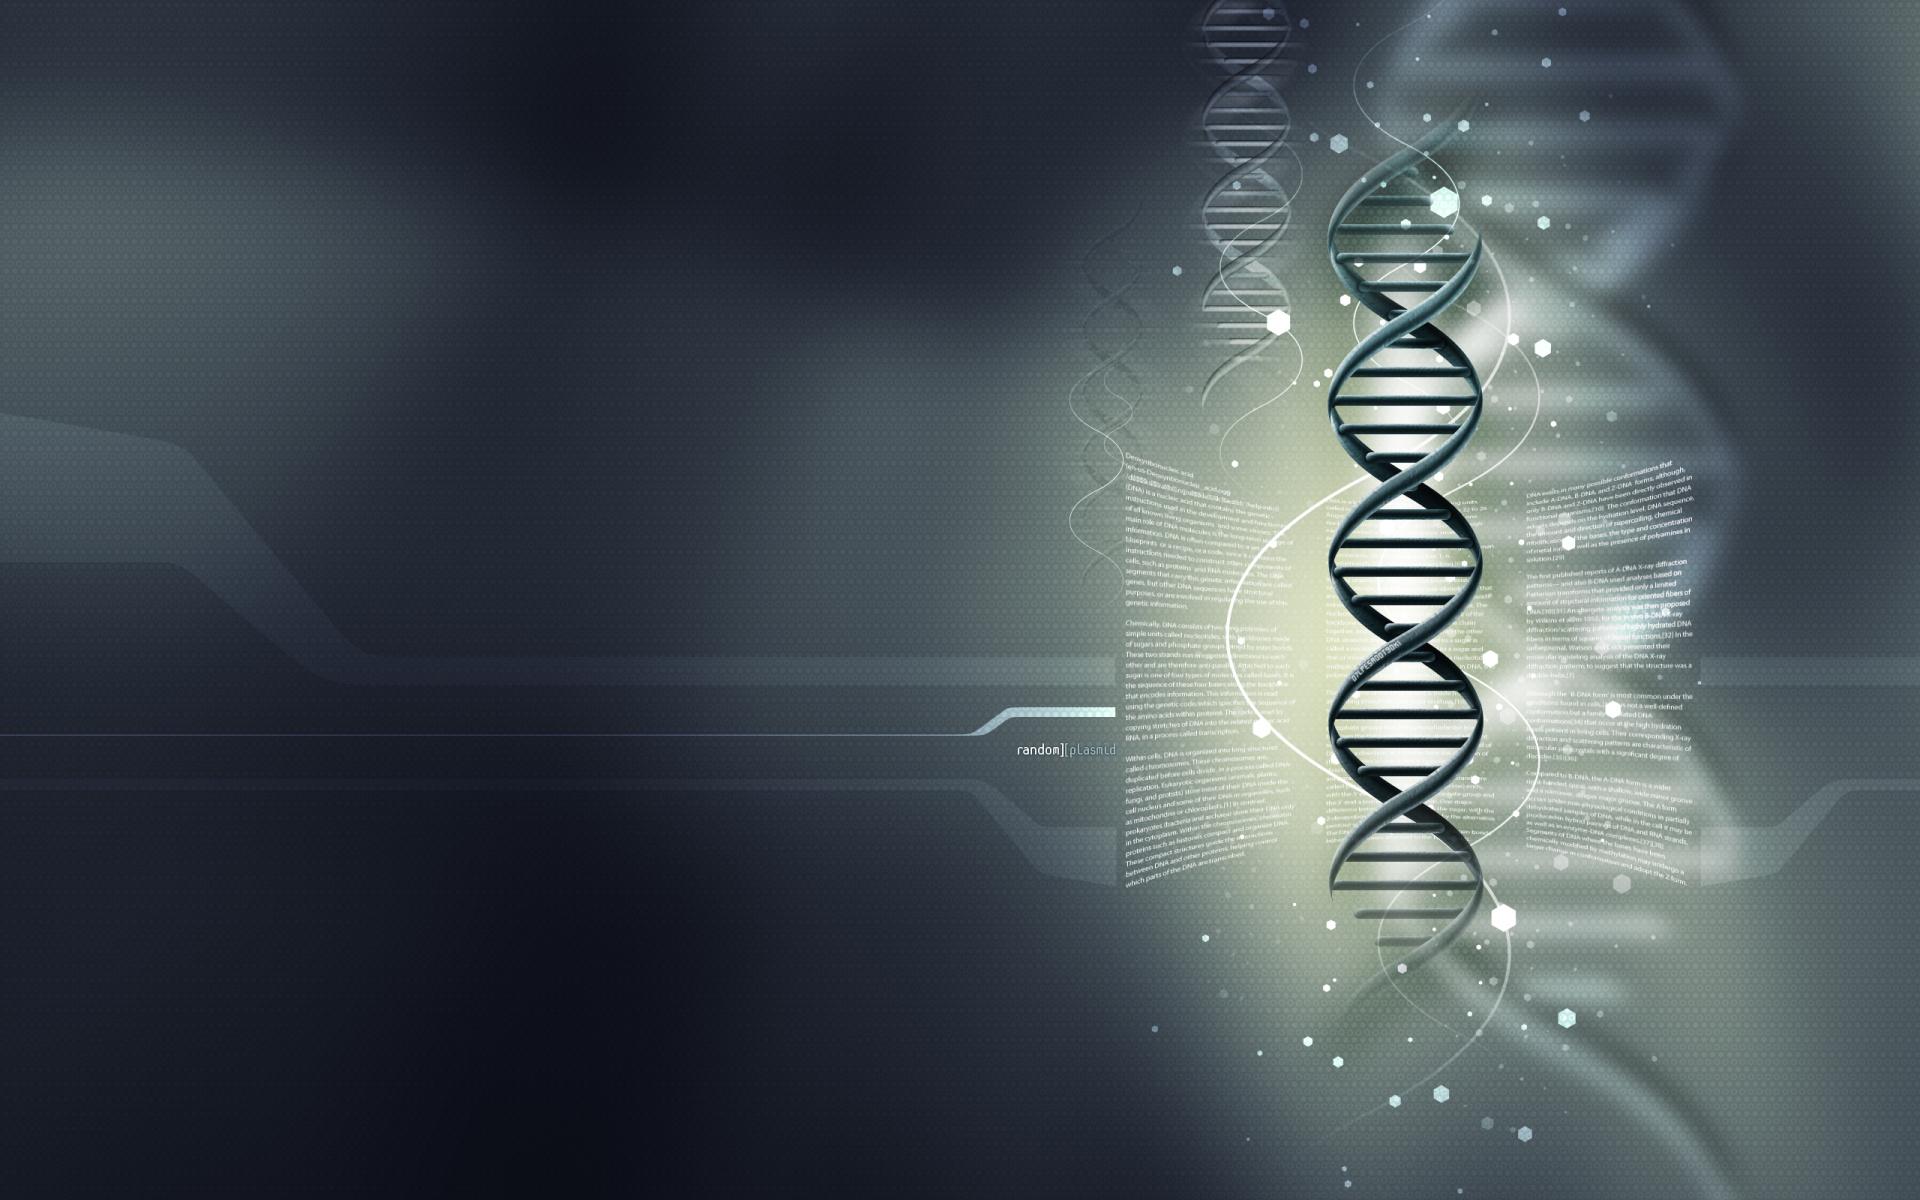 ADN-1920x1200-hd-wallpapers.co.jpg